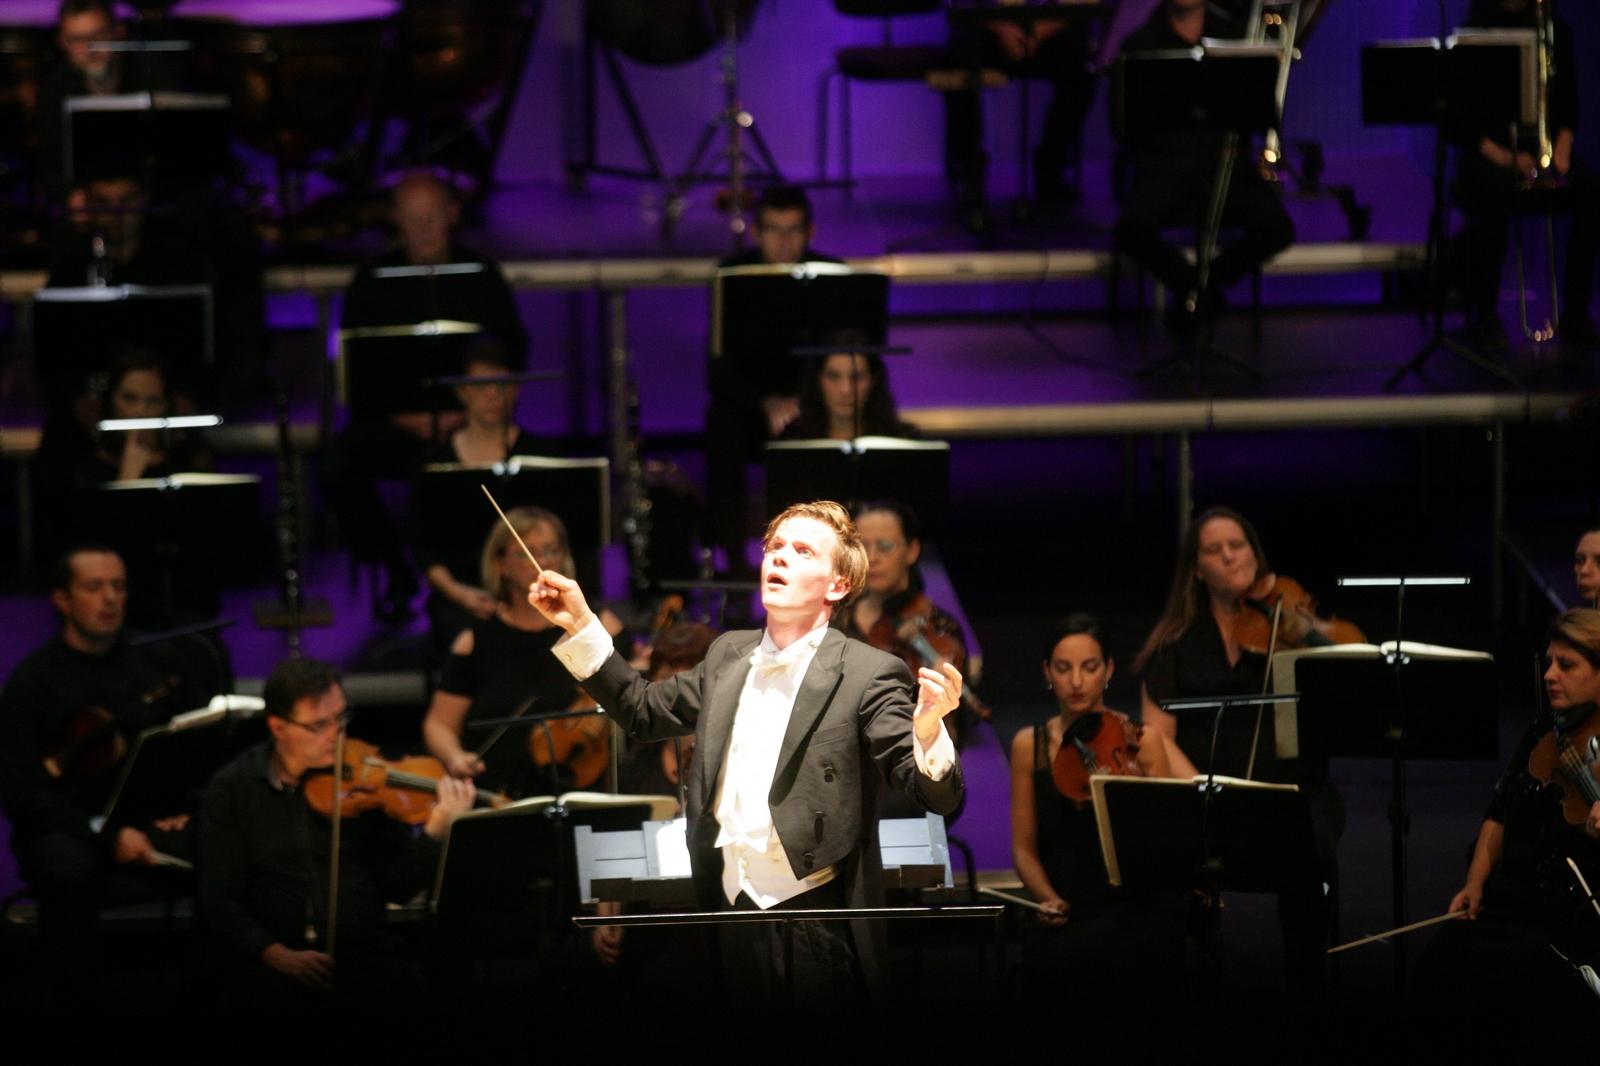 Sudbonosne glazbene prekretnice velikih skladatelja Zajca, Beethovena i Šostakoviča